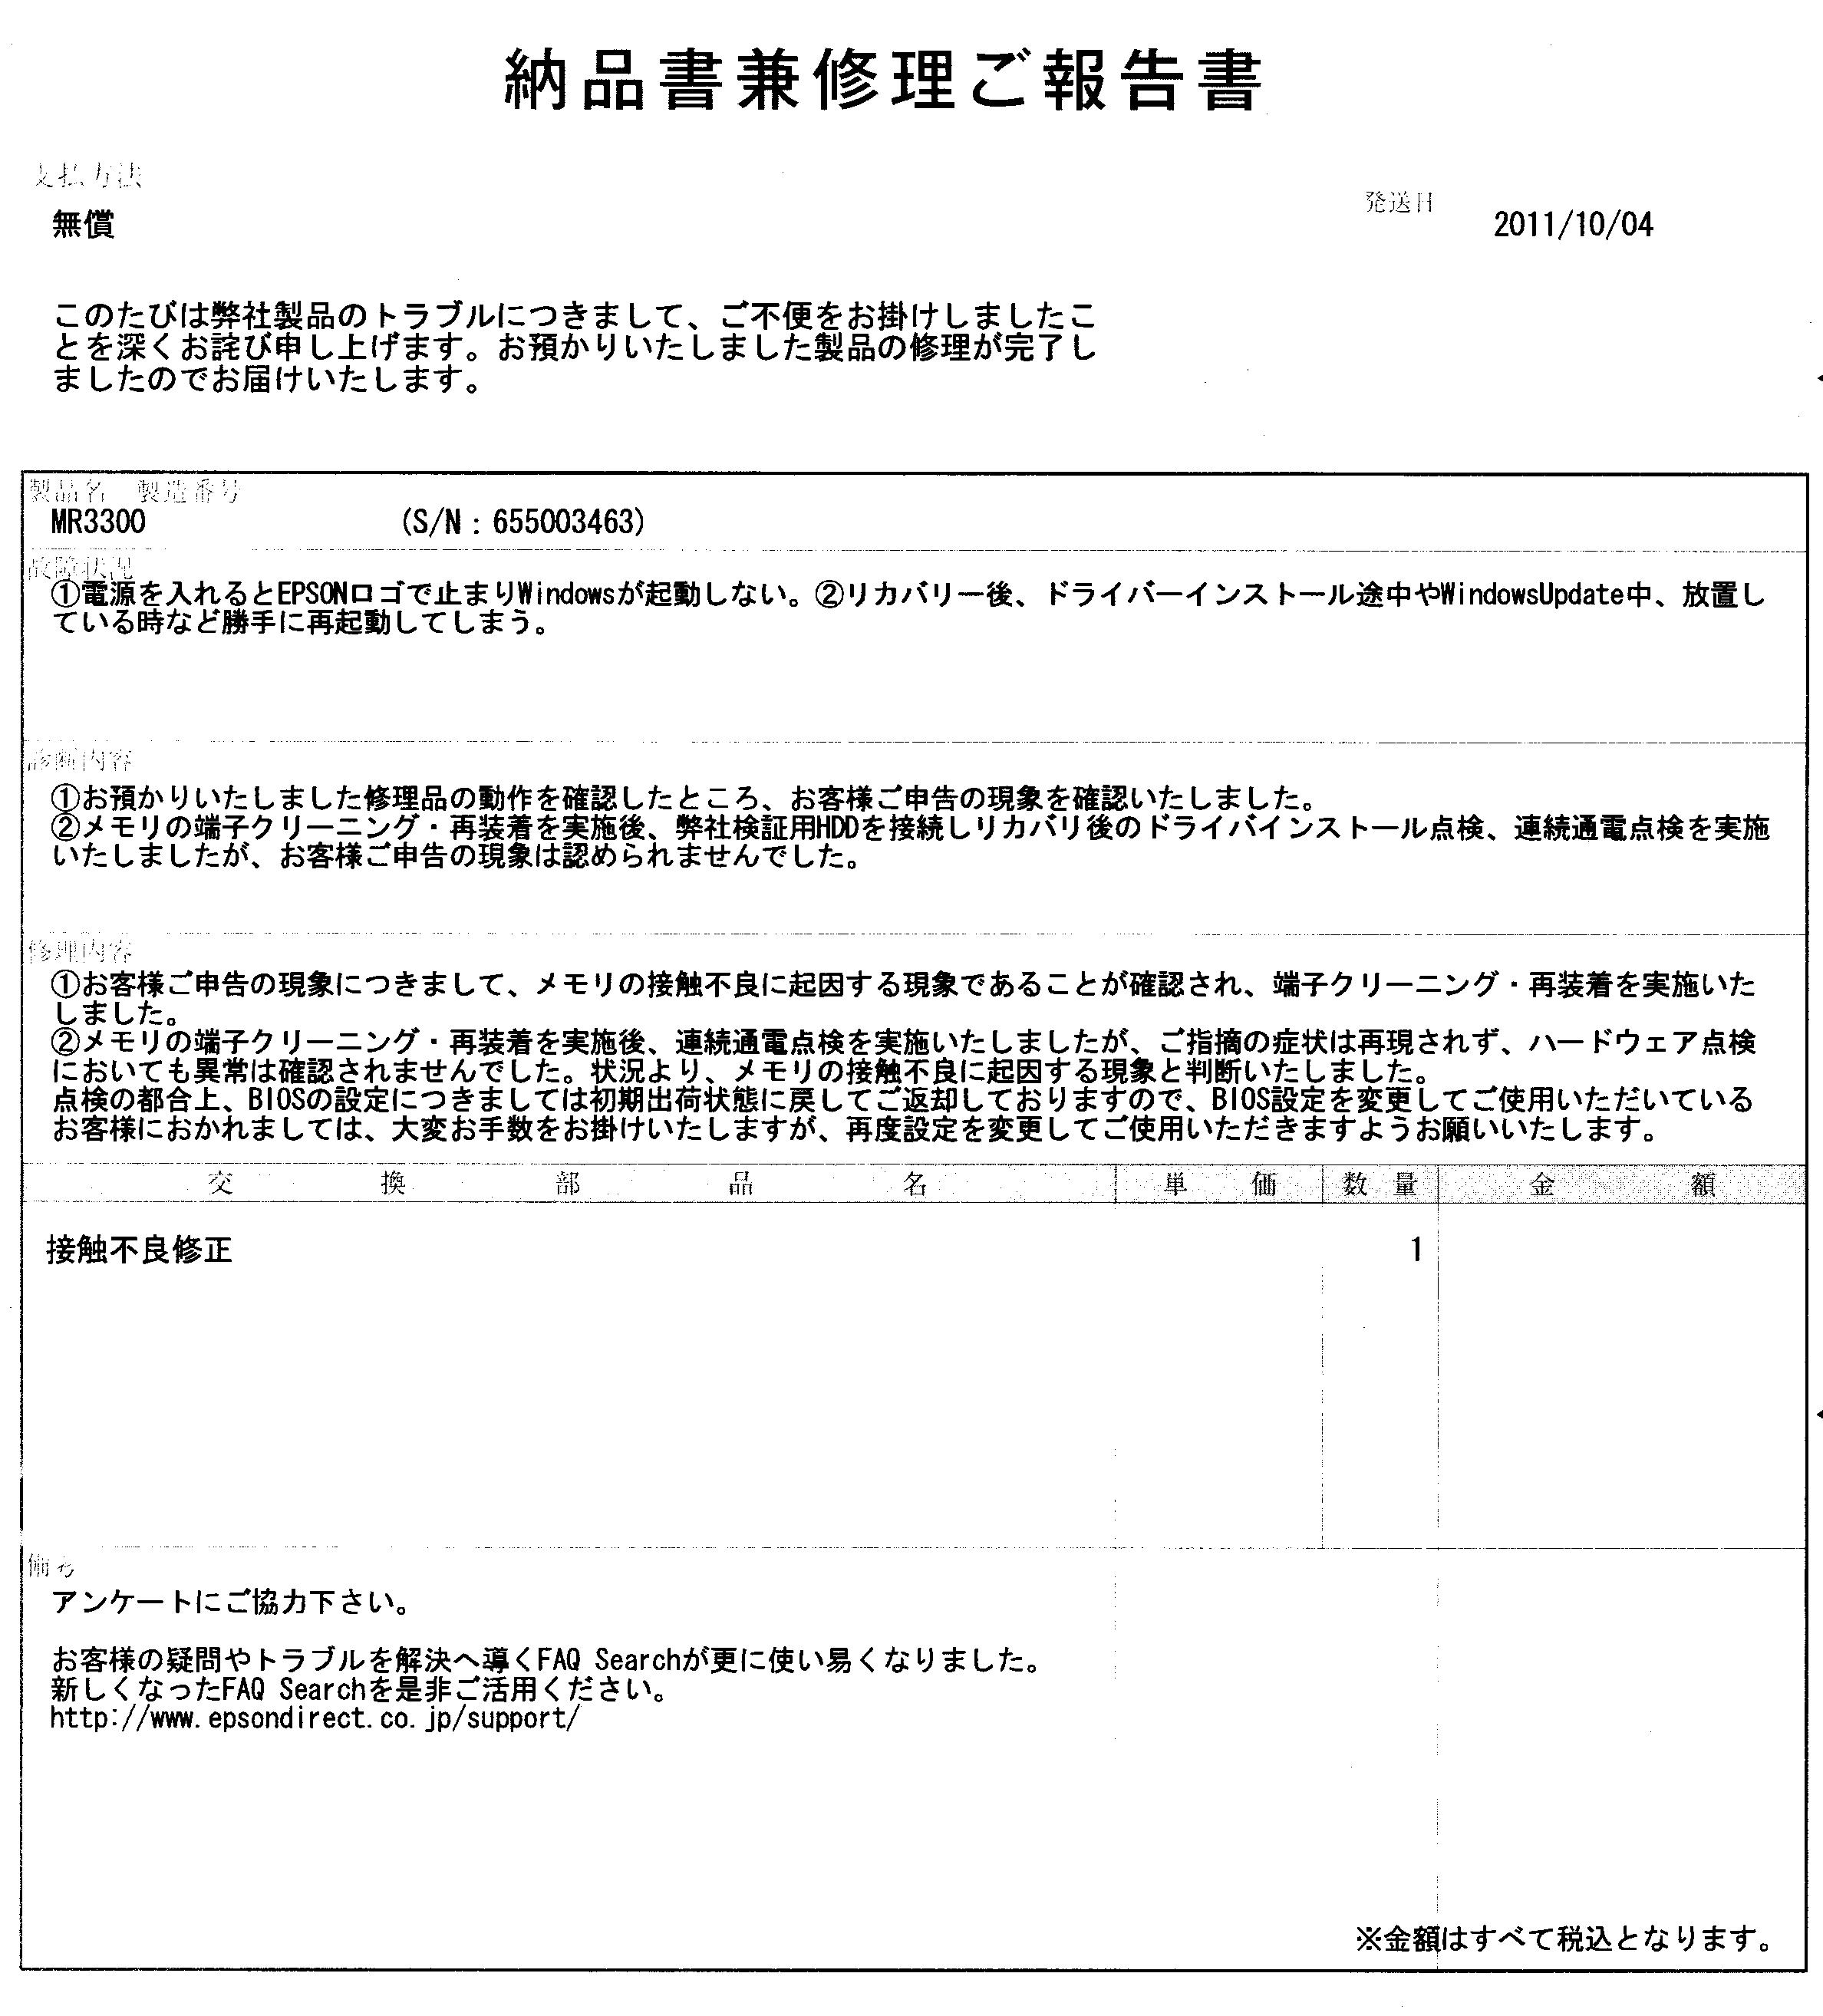 エプソンダイレクトの納品書兼修理報告書